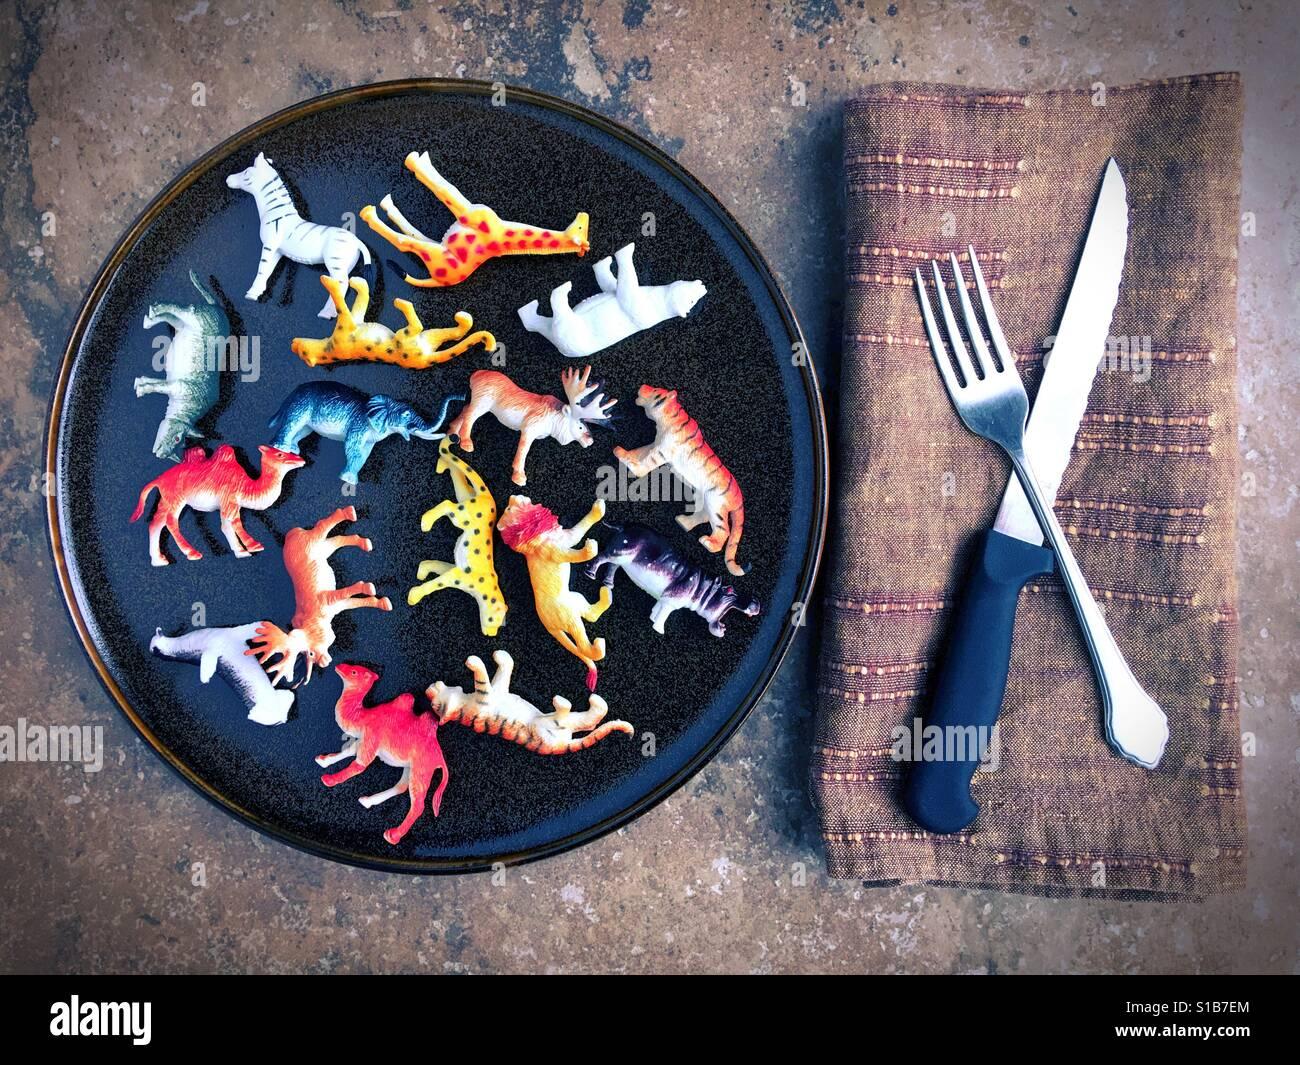 Giocattolo di plastica di animali su una piastra accanto a un coltello e forchetta. Immagini Stock